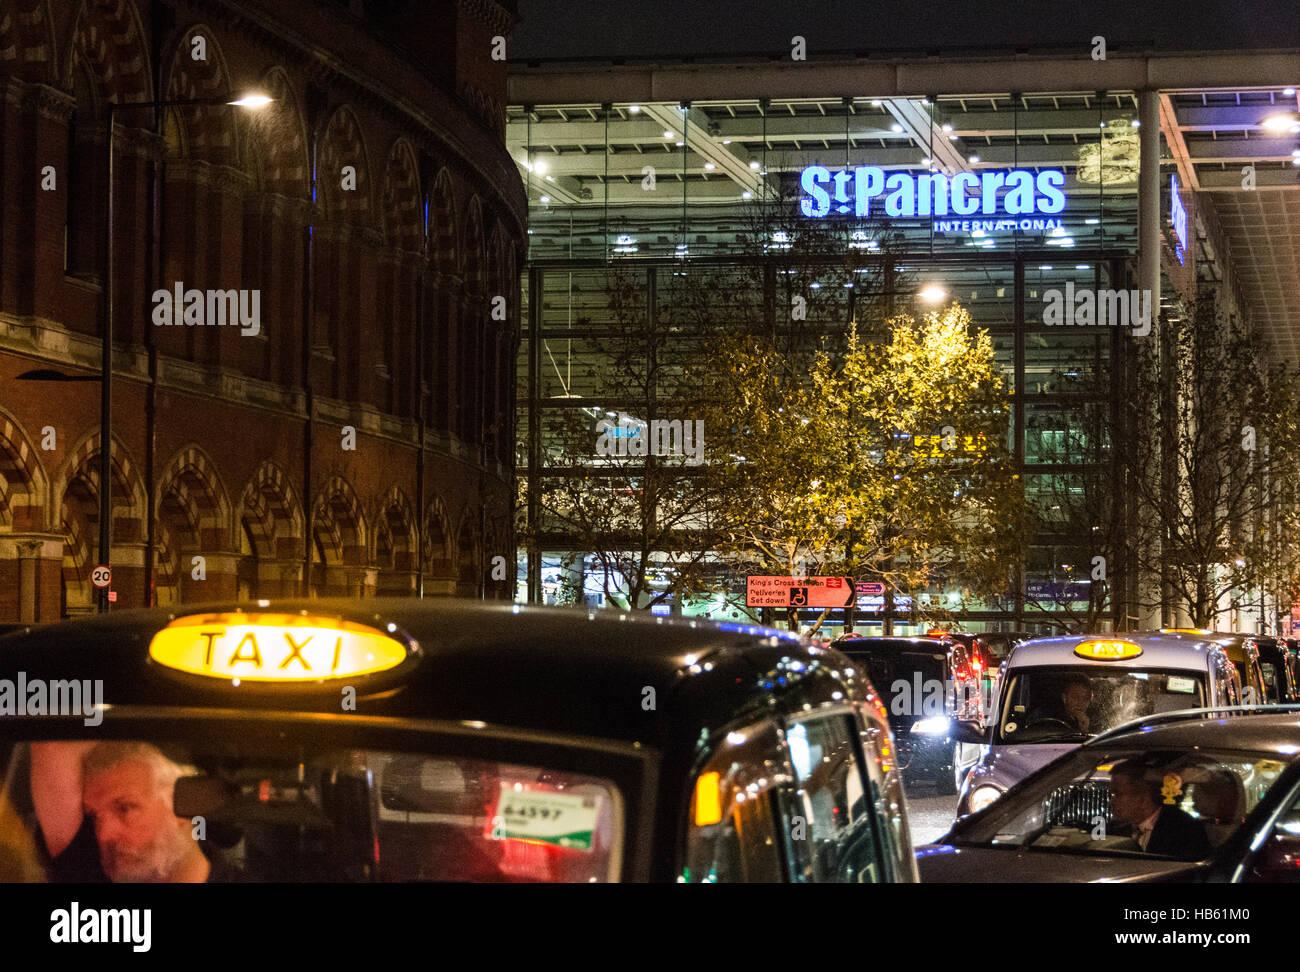 Los taxis en las afueras de St. Pancras Station en Londres, Inglaterra, Reino Unido. Foto de stock